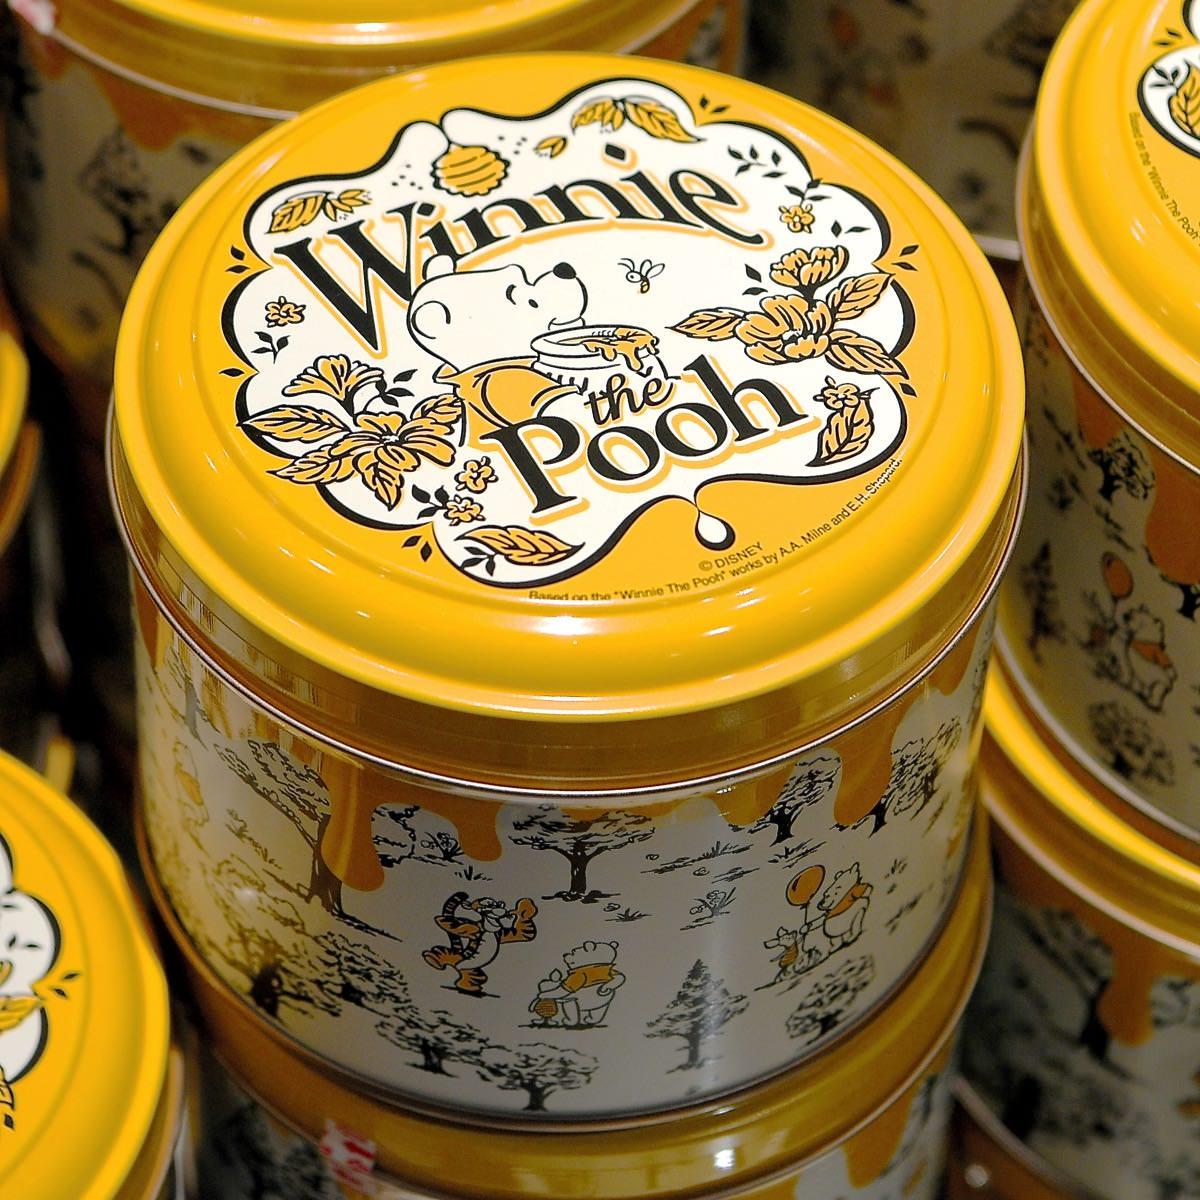 X射線【C702028】日本東京迪士尼代購-小熊維尼Winnie the Pooh 綜合巧克力鐵盒,點心/零嘴/餅乾/糖果/韓國代購/日本糖果/零食/伴手禮/禮盒